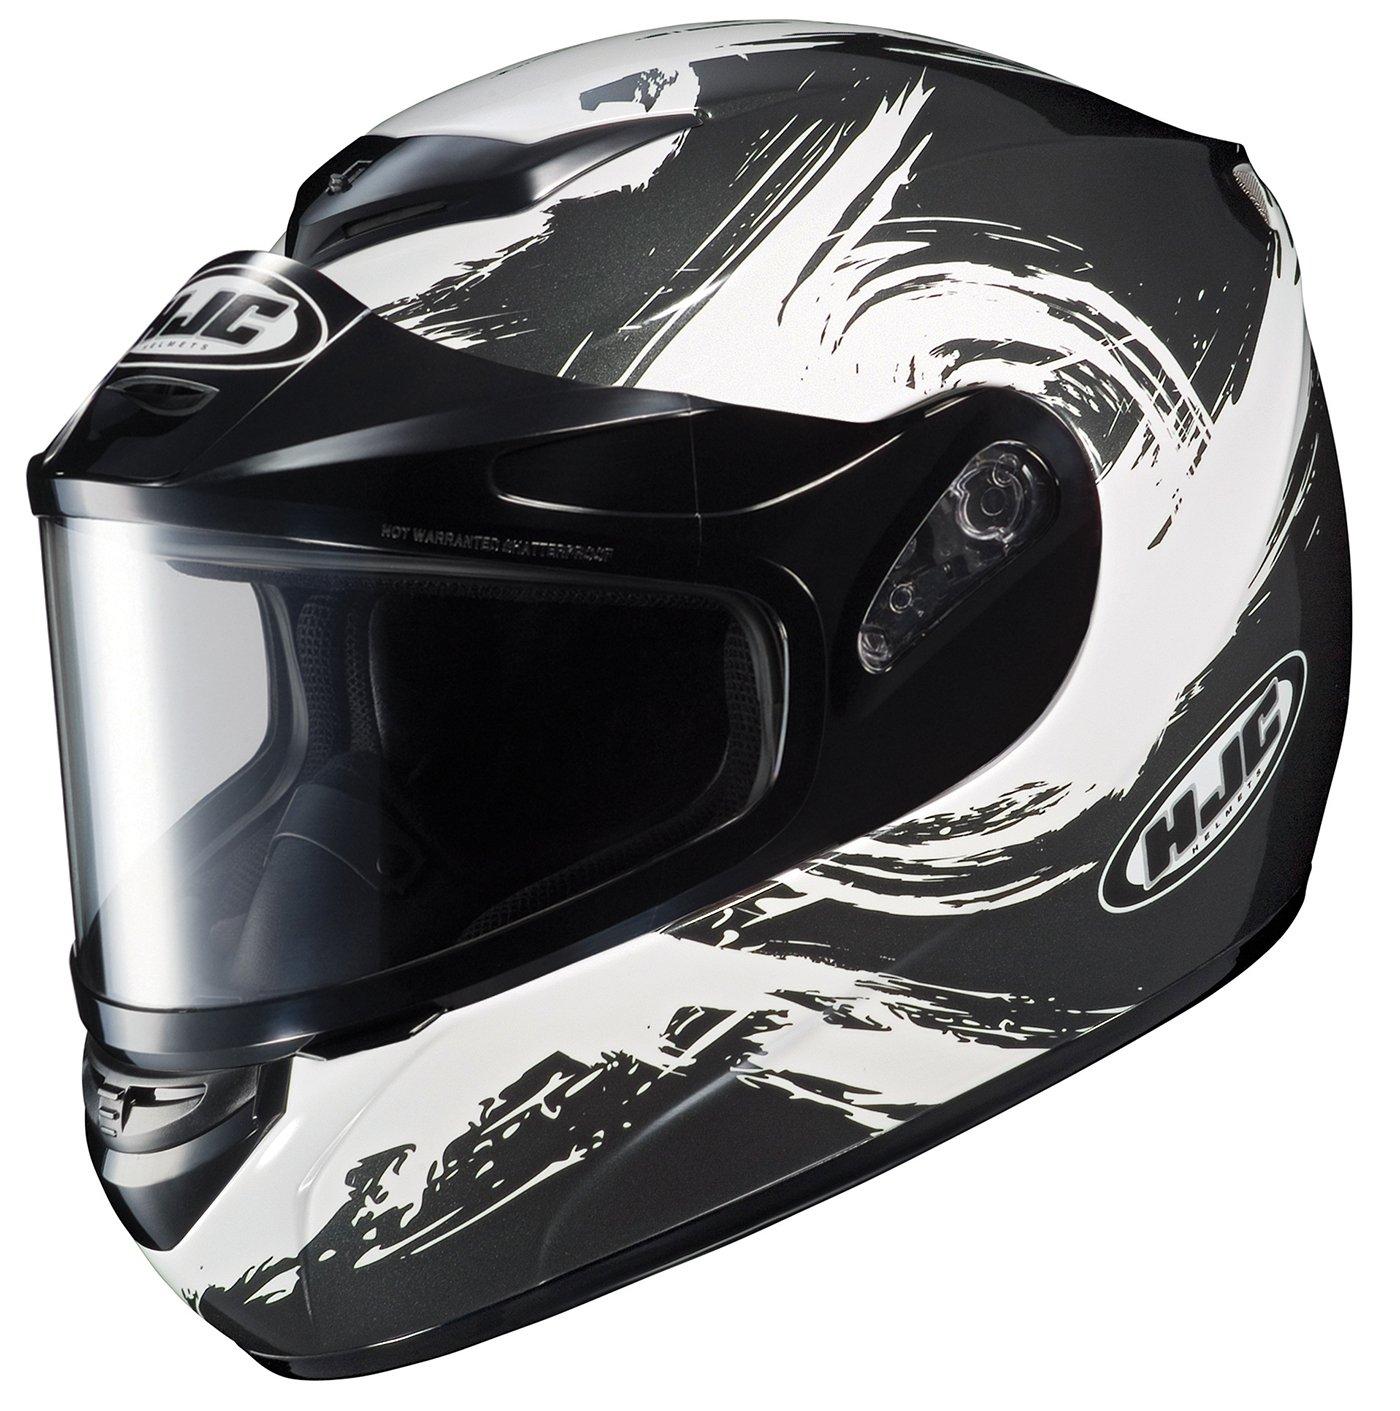 HJC CS-R2SN Contrast Full Face Snow Helmet Framed Dual Lens Shield (MC-5 Black/White, XX-Large)